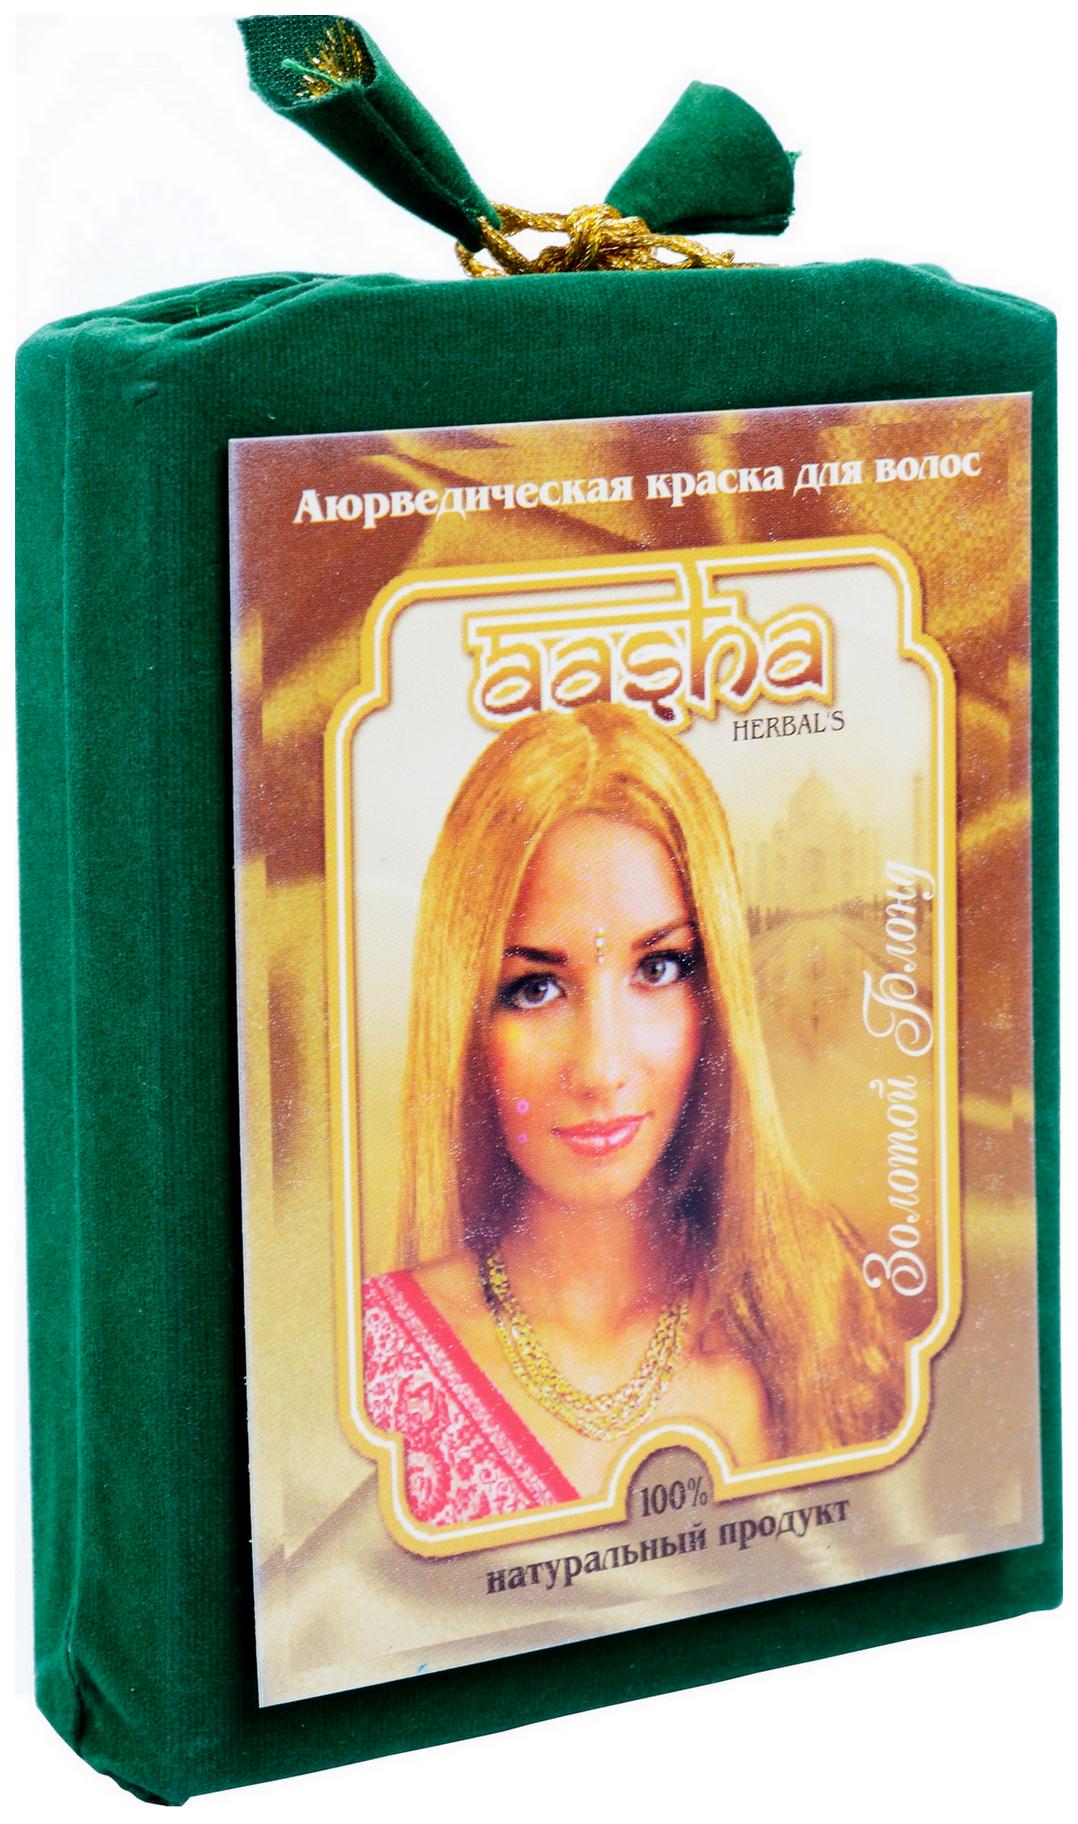 Купить Краска для волос Aasha Аюрведическая Золотой Блонд 100 г, Aasha Herbals